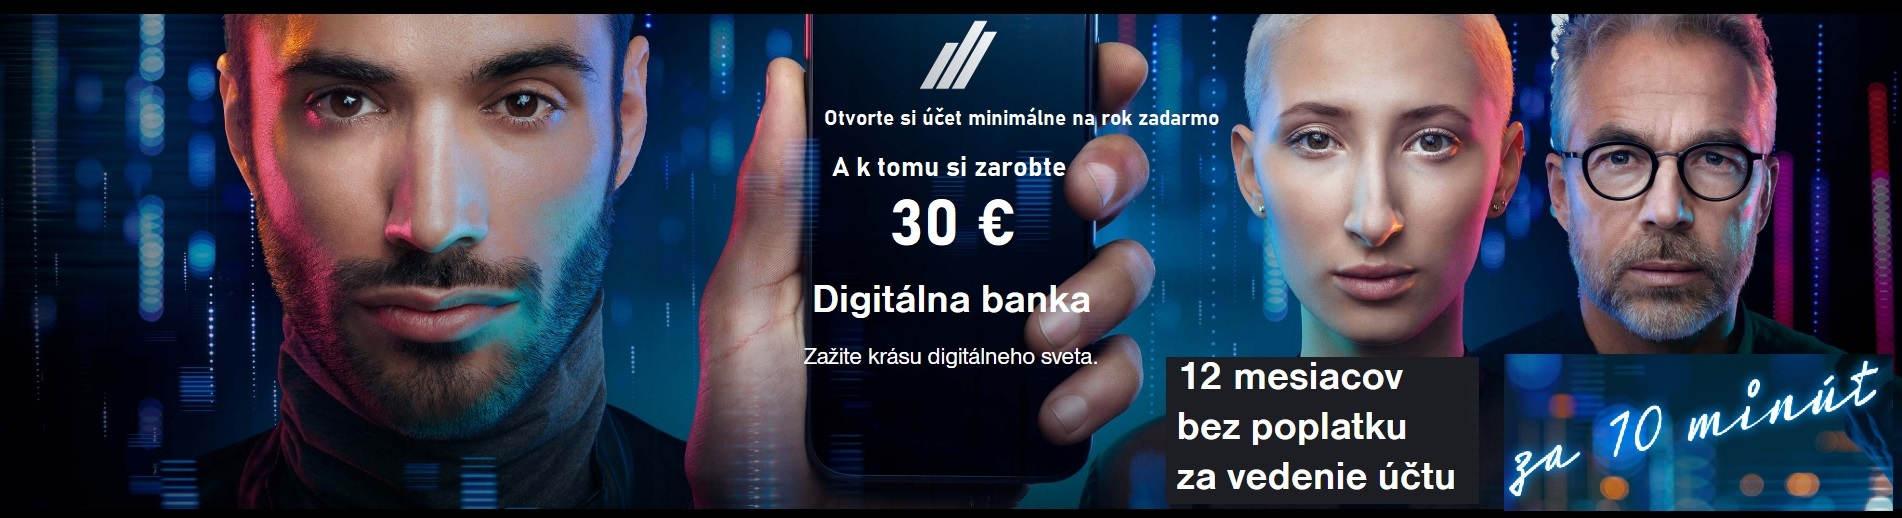 Digitálna banka Vám do 16.12. ponúka účet na minimálne rok zadarmo a 30 €